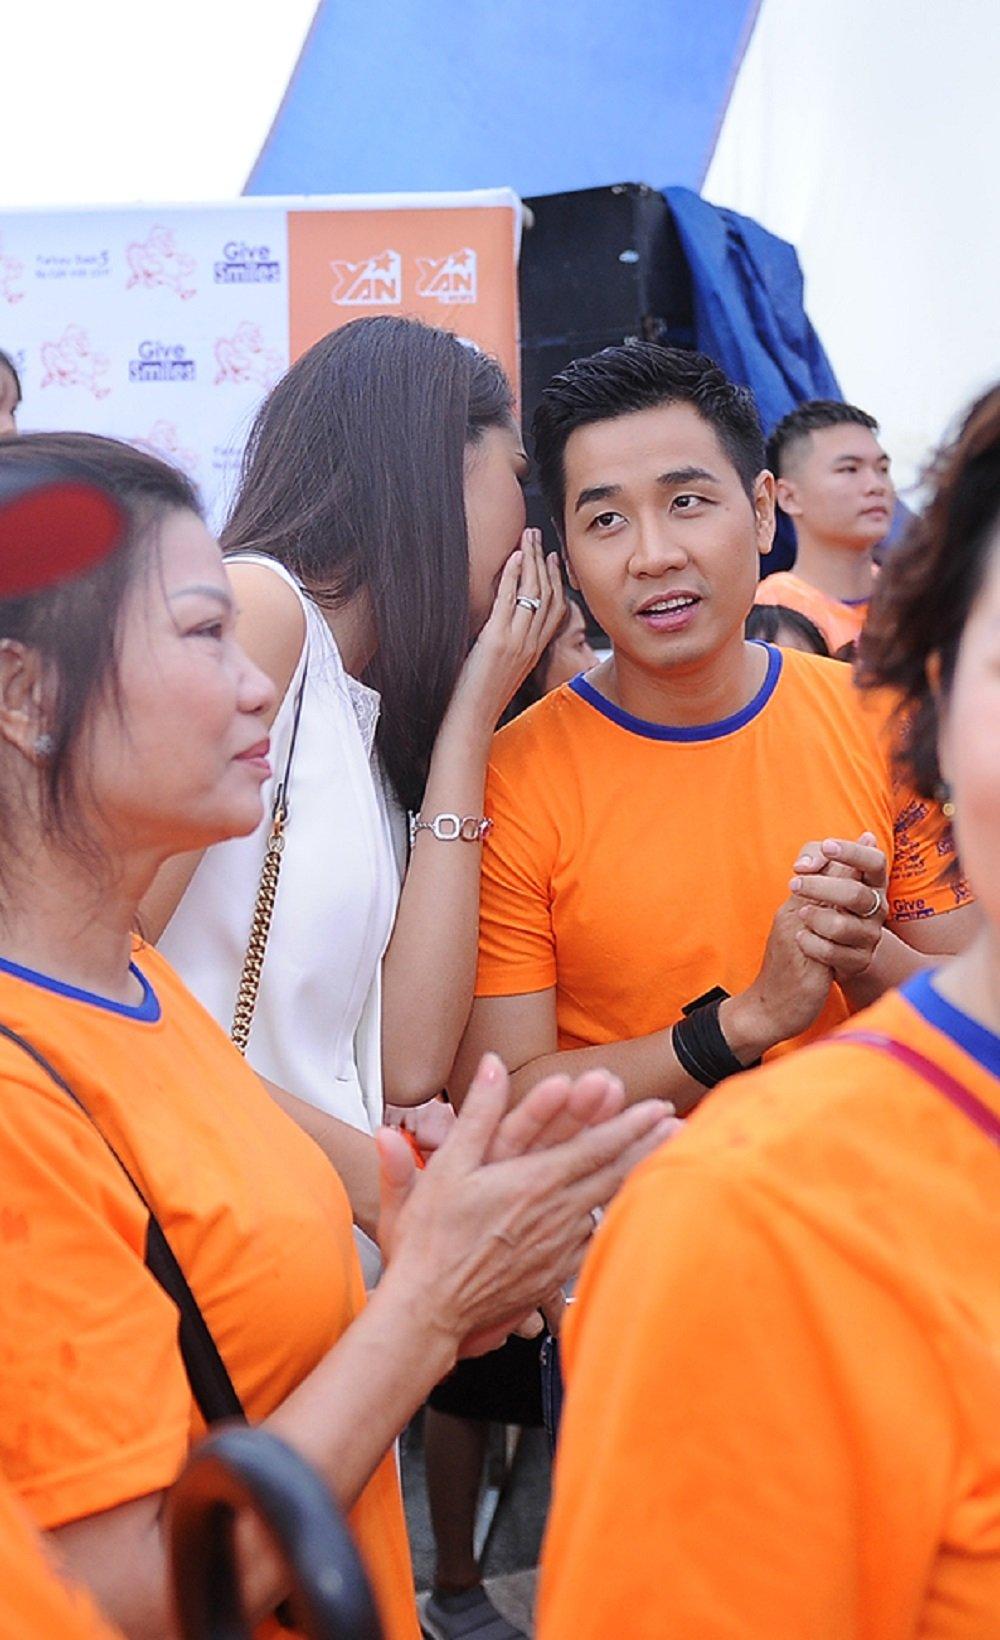 Nguyen Khang, Hoa hau Huong Giang doi mua tham gia chay bo gay quy tu thien hinh anh 3